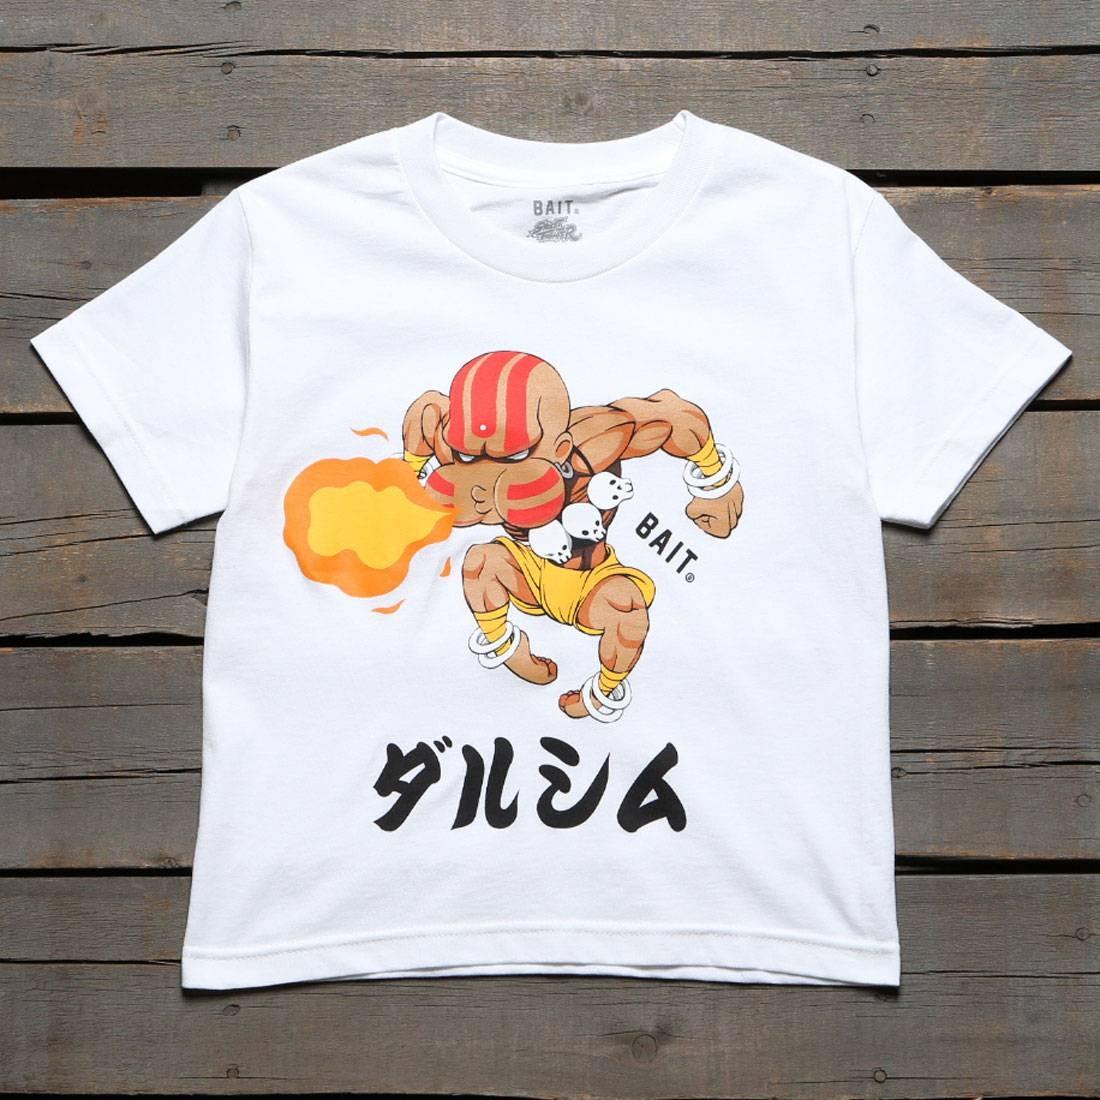 ベイト BAIT ストリート ファイター 子供用 Tシャツ 白 ホワイト 【 STREET WHITE BAIT X FIGHTER CHIBI DHALSIM YOUTH TEE 】 メンズファッション トップス Tシャツ カットソー